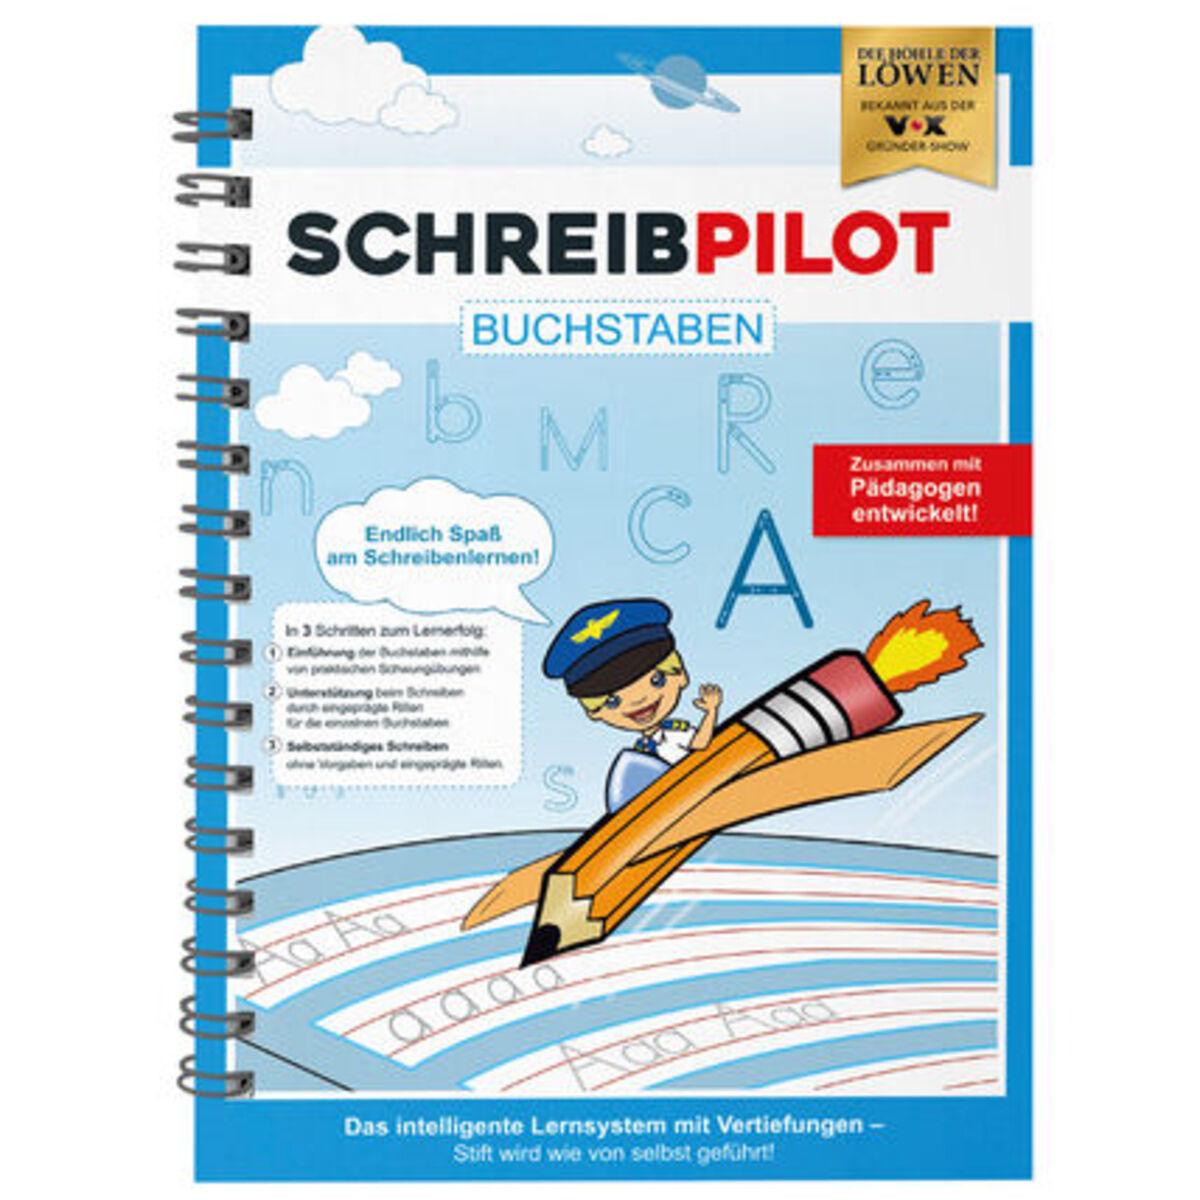 Bild 1 von Schreibpilot Schreiblernhefteft Buchstaben, DIN-A4, blau, mit Bleistift und Radiergummi